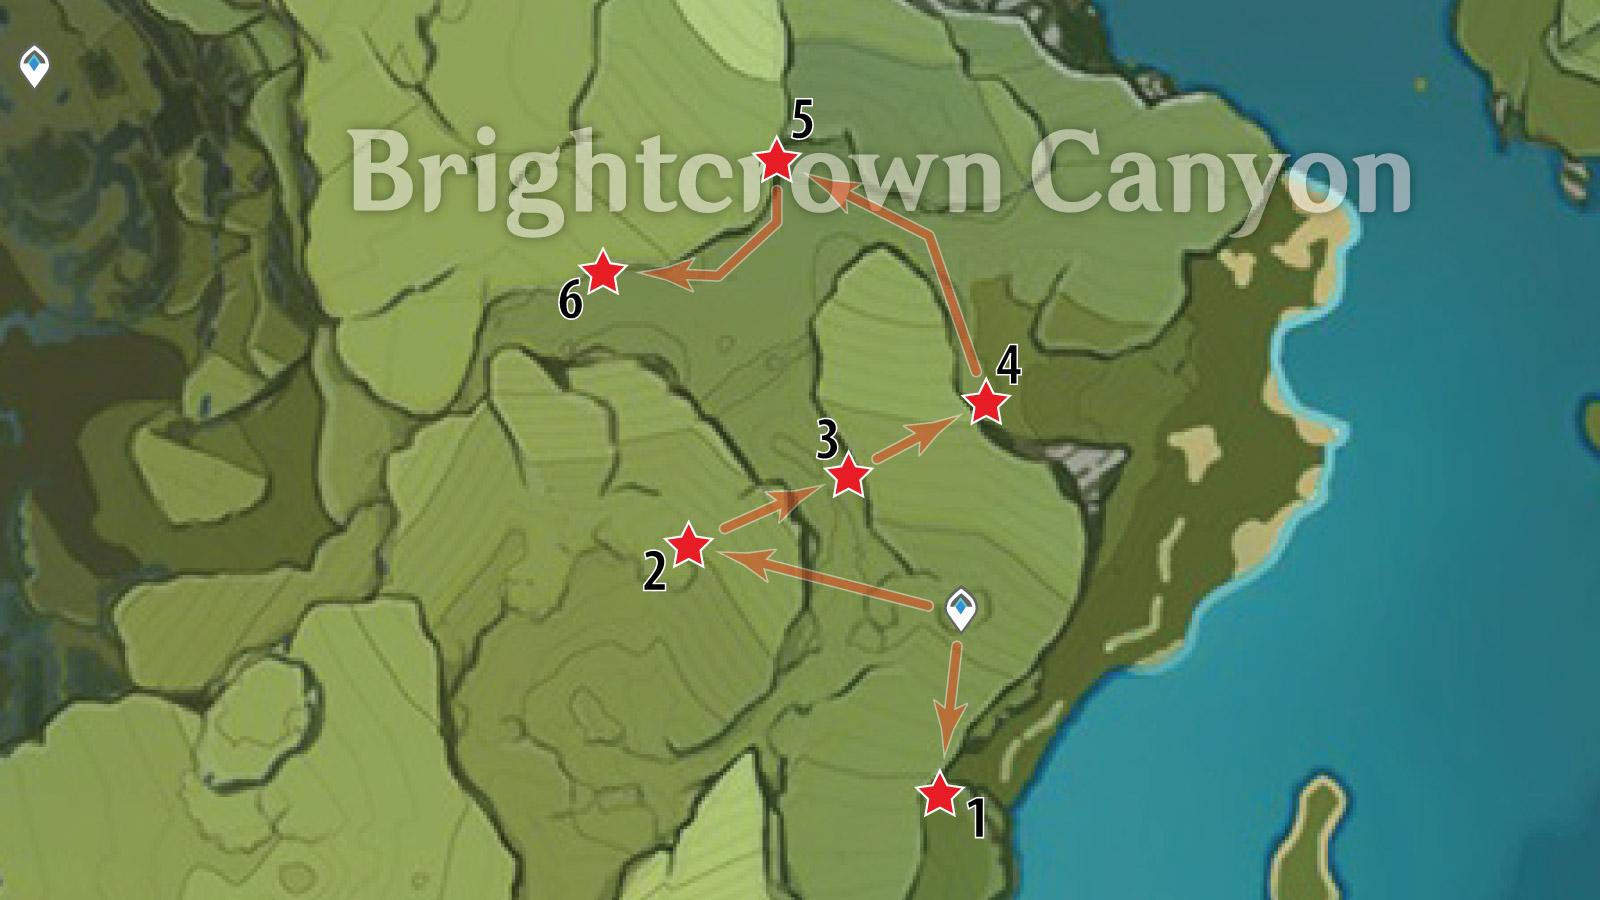 Brightcrown Canyon White Iron Farm Route